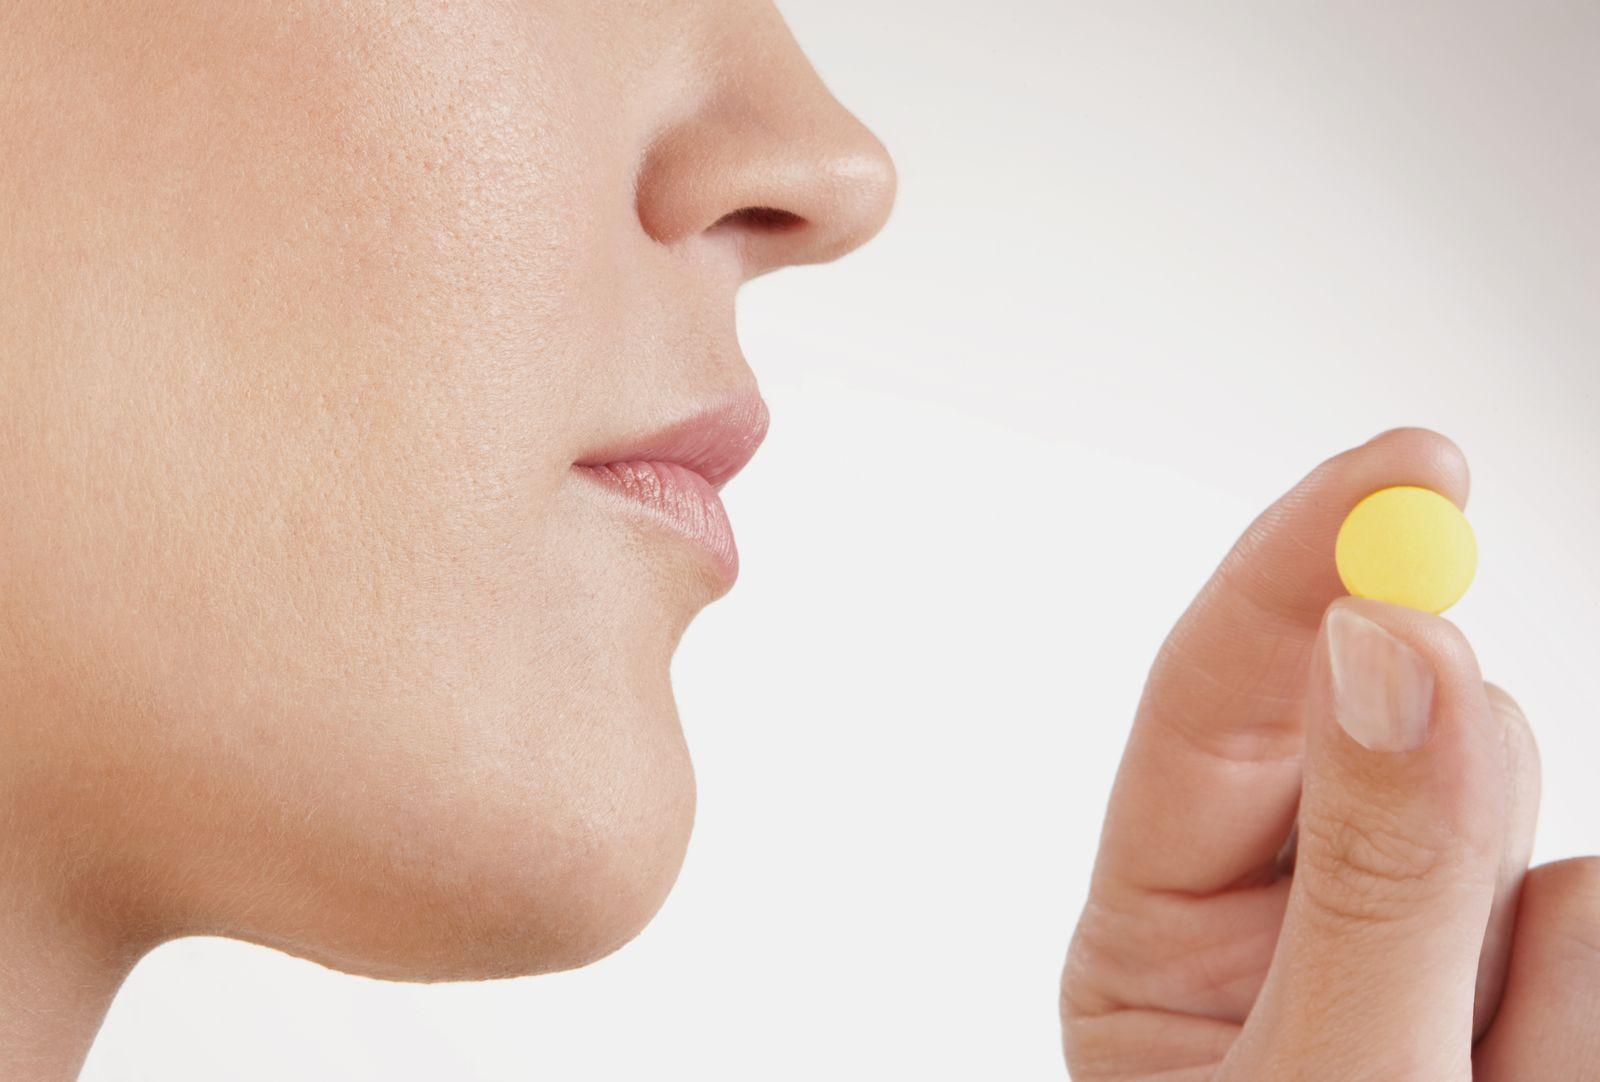 NICHT MEHR VERWENDEN! - Pille / Medizin / Tablette